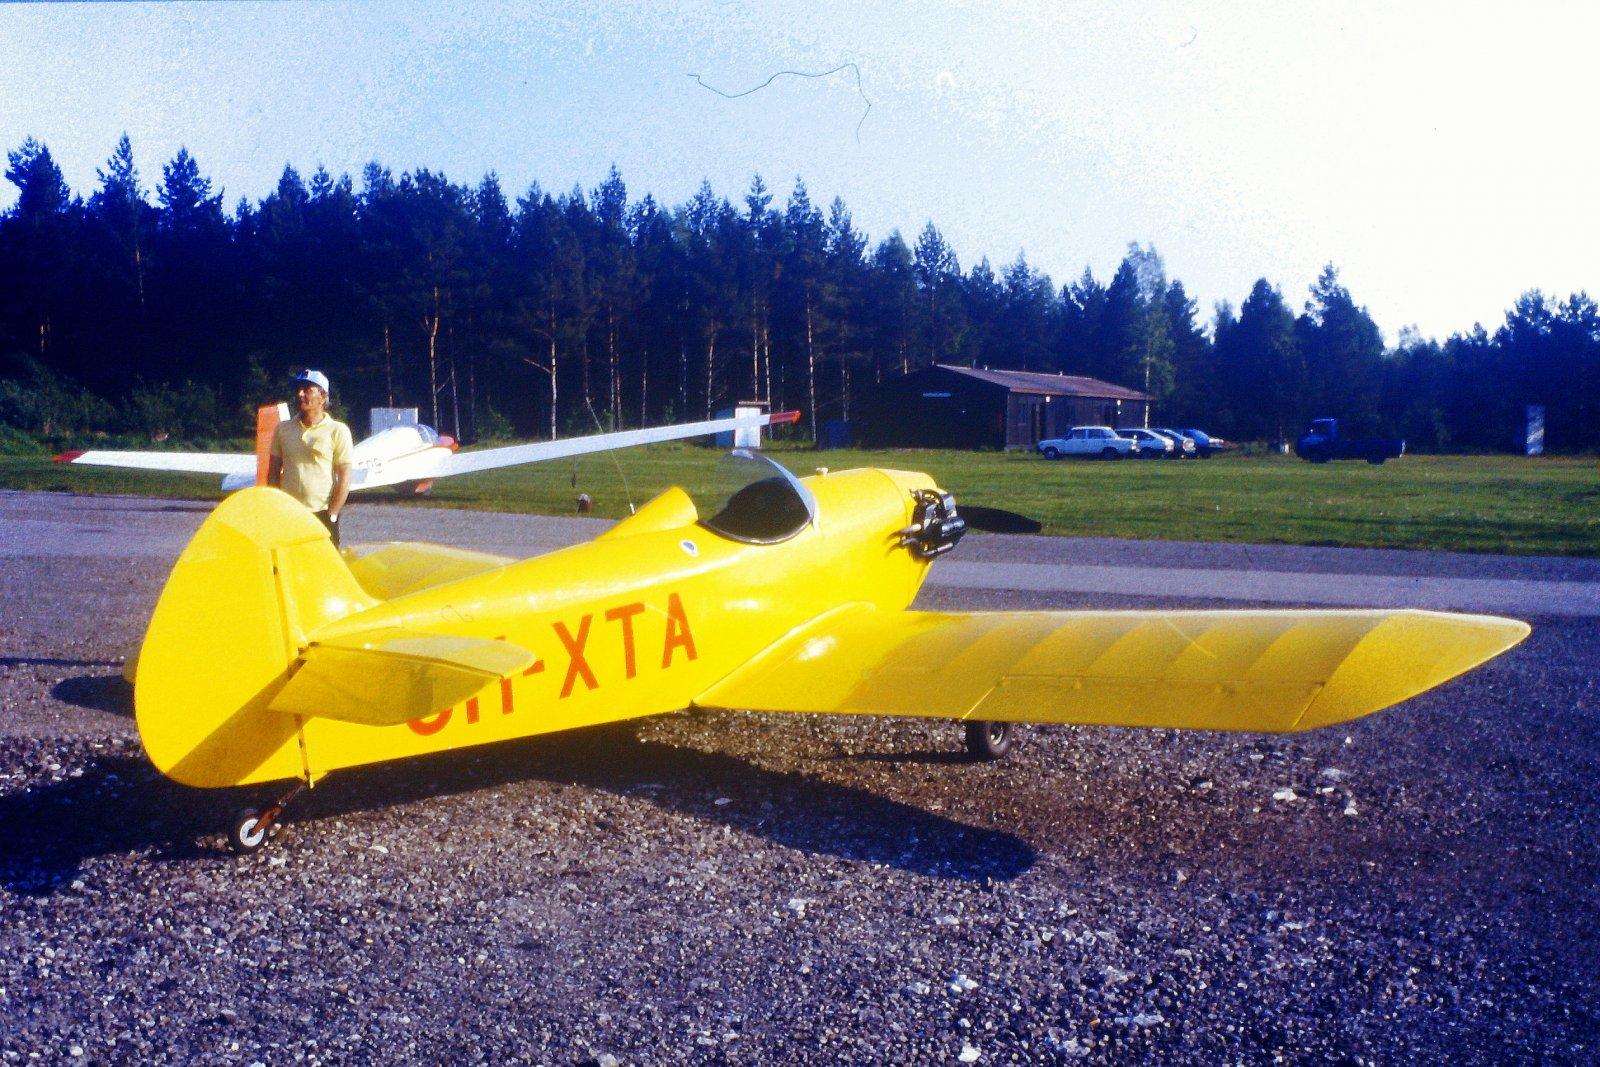 Taylor JT1 Monoplane OH-XTA EFHN 1987-07-25